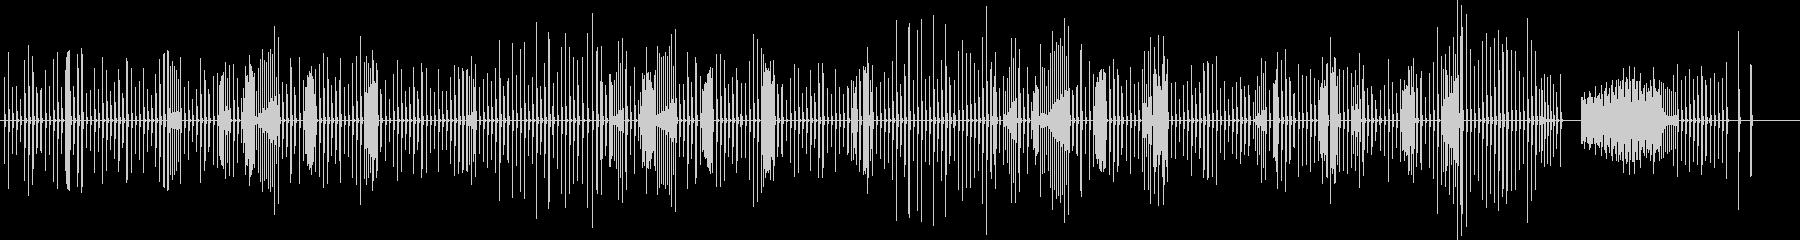 ショパン ノクターン ファミコン音の未再生の波形